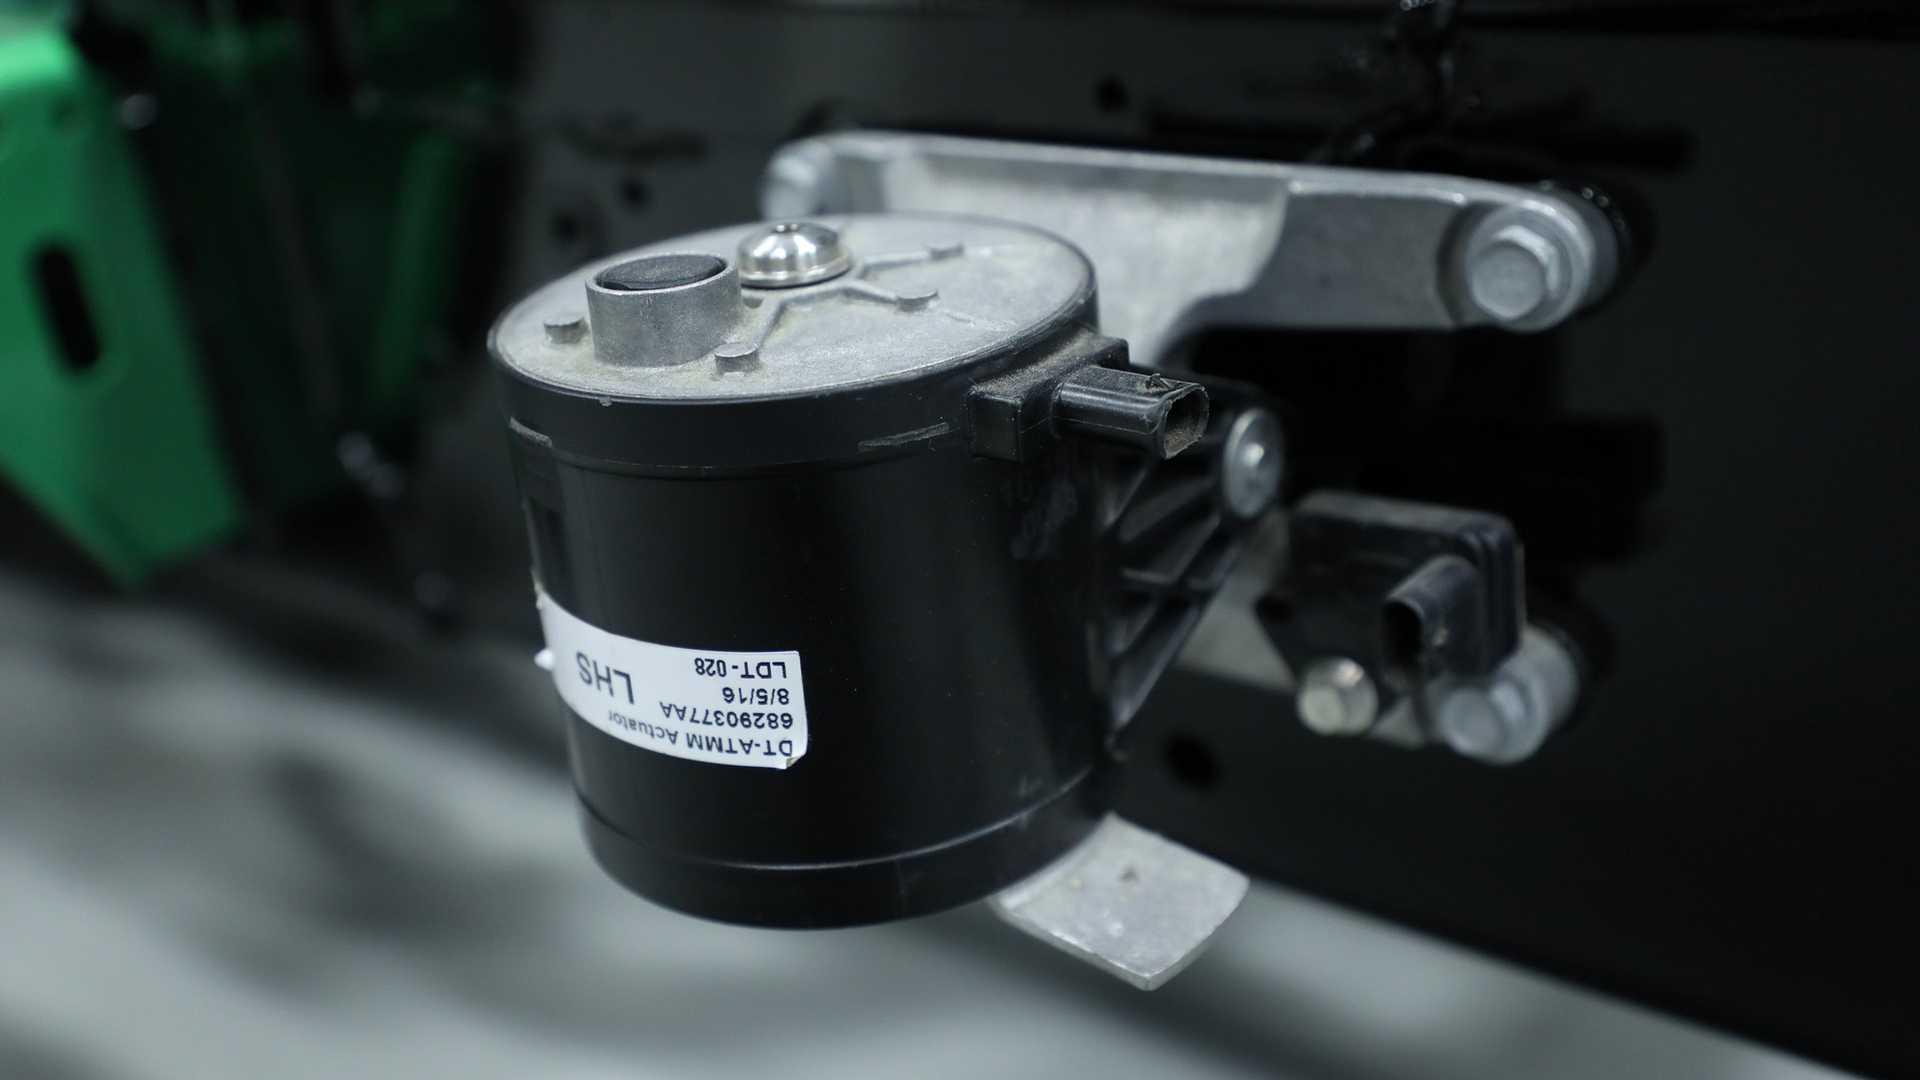 2019-ram-heavy-duty-powertrain-technologies (44)